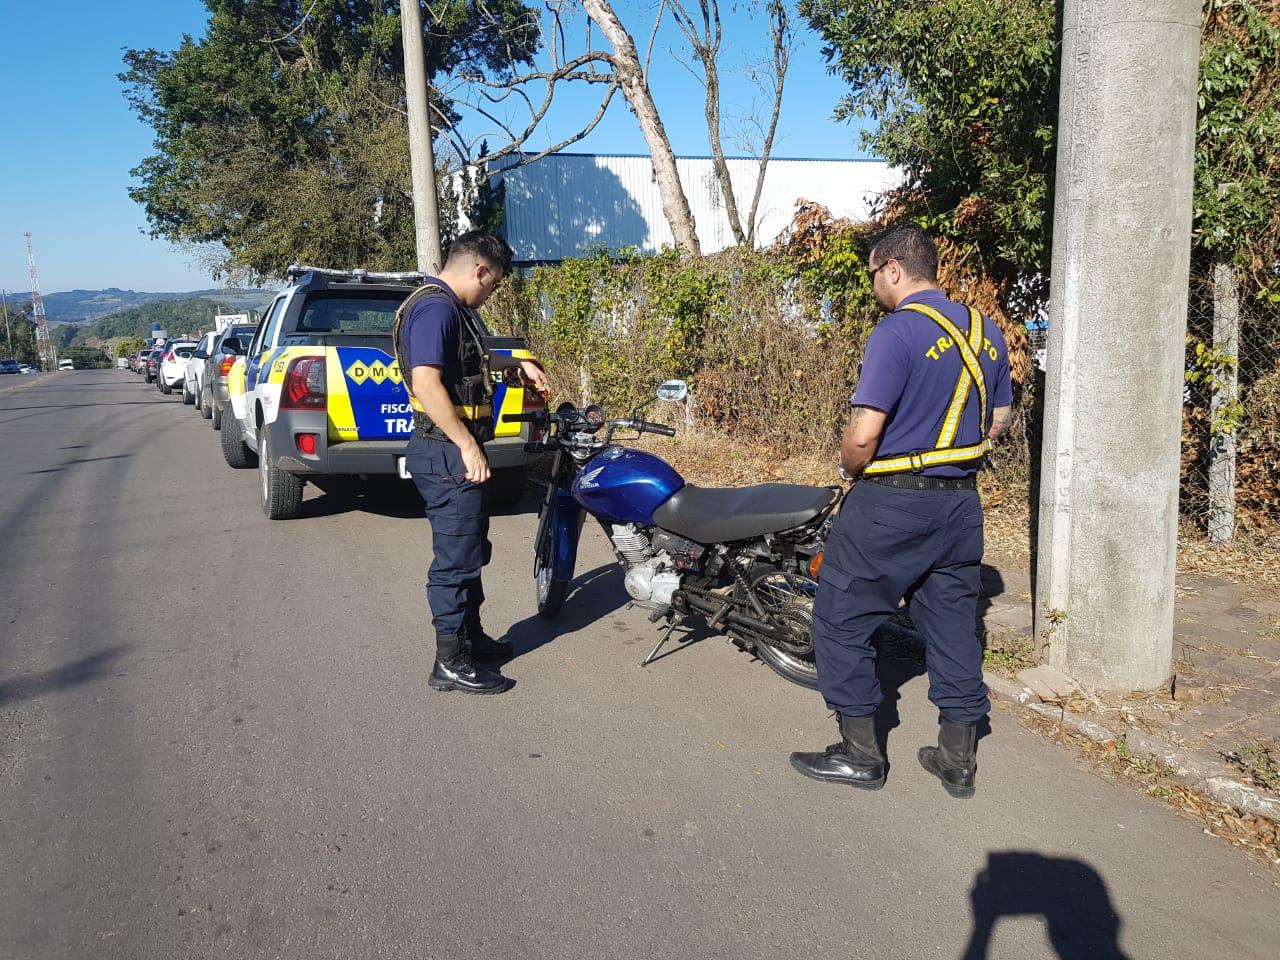 Motocicleta com quase R$ 5 mil em multas é recolhida pelo DMT em Bento